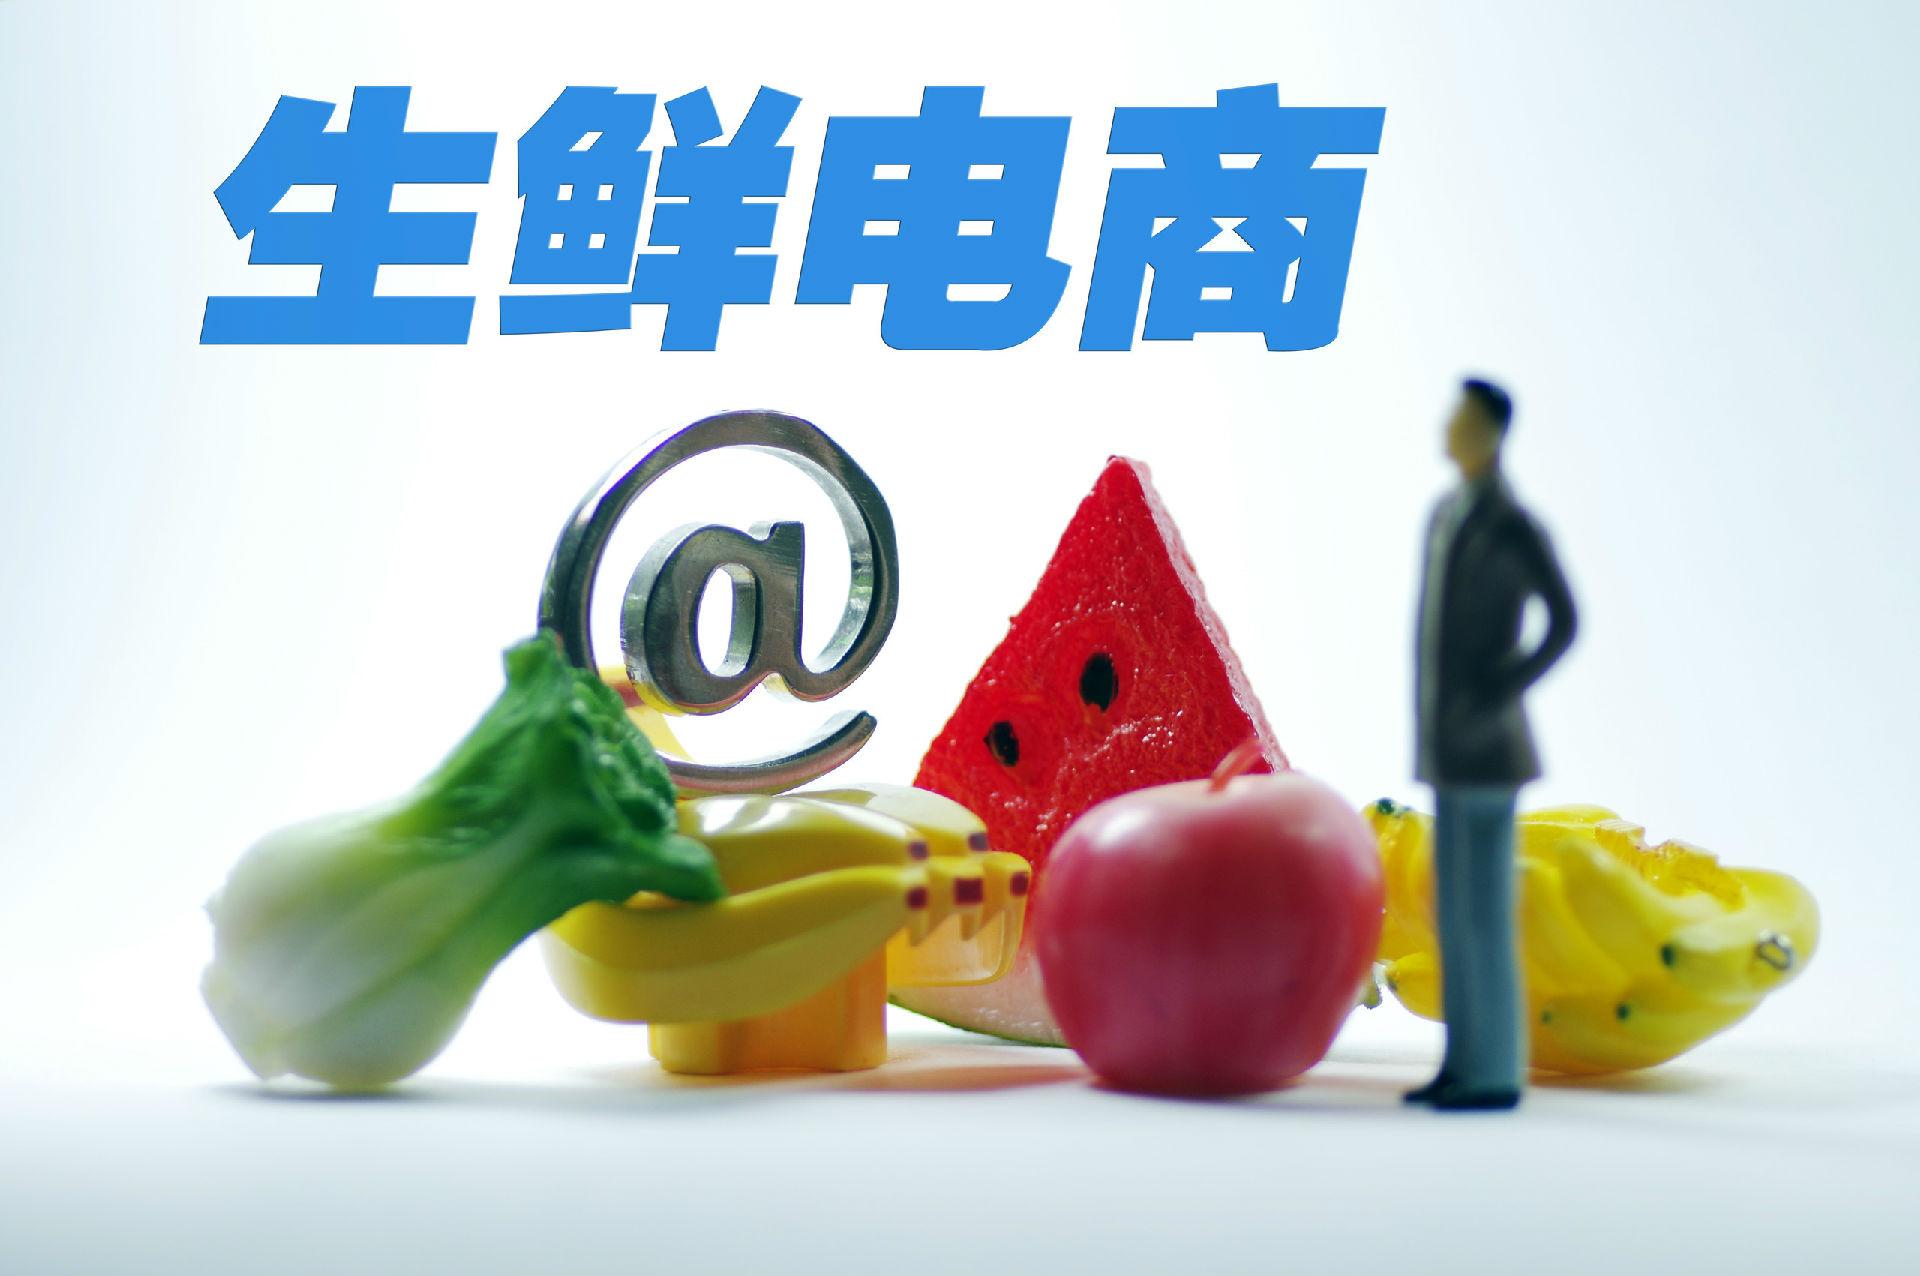 呆蘿卜、妙生活接連折戟,生鮮電商迎來新一輪洗牌期